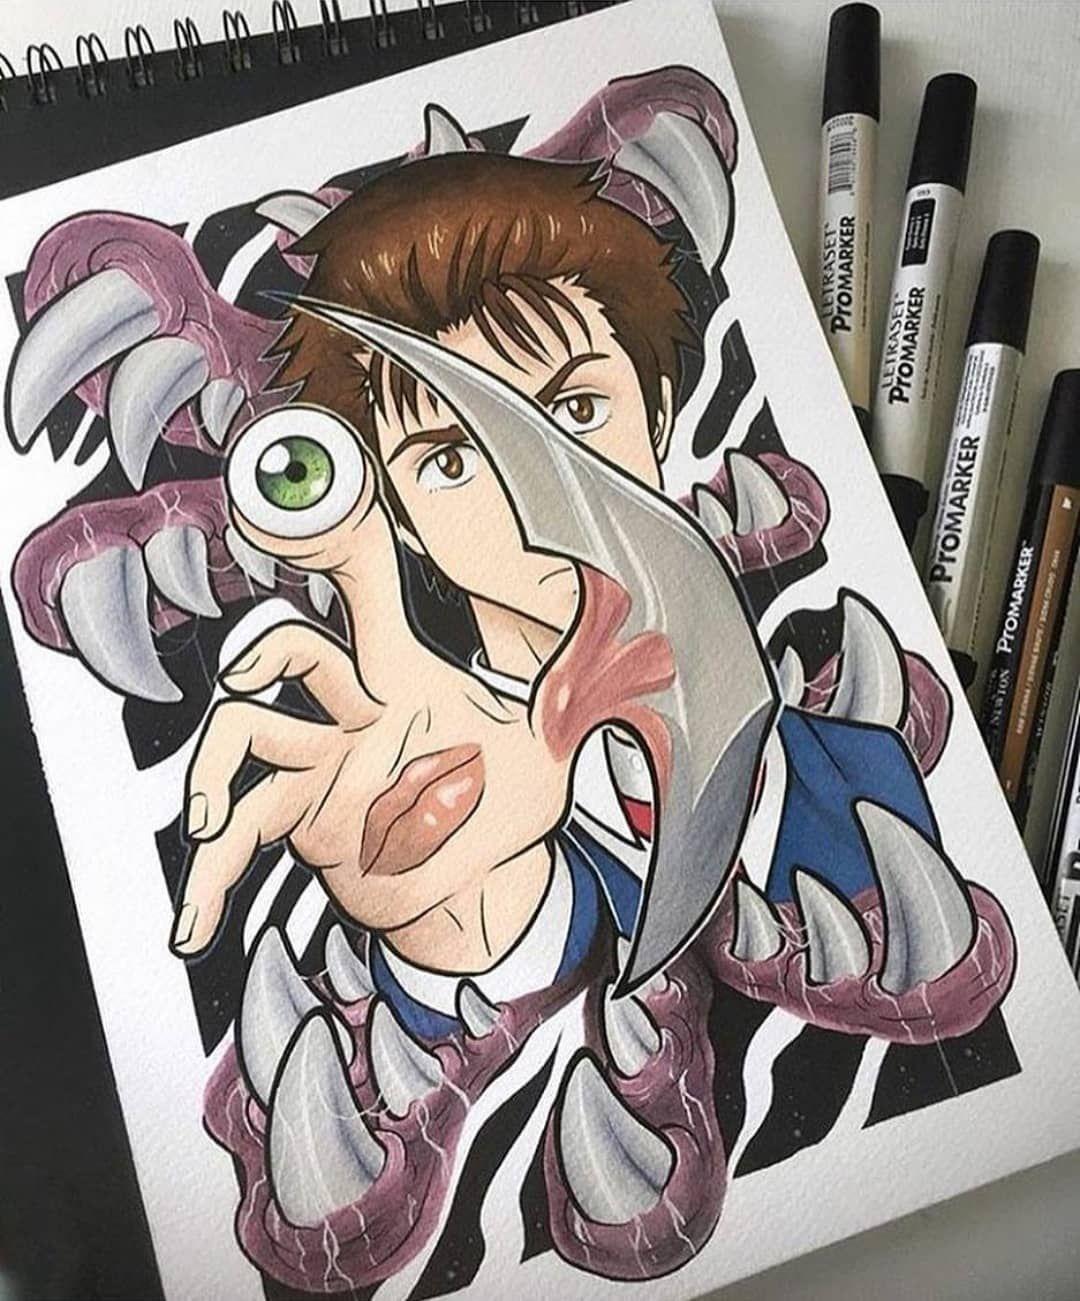 Parasyte Animé, Esquisse d'animé, Manga japonais